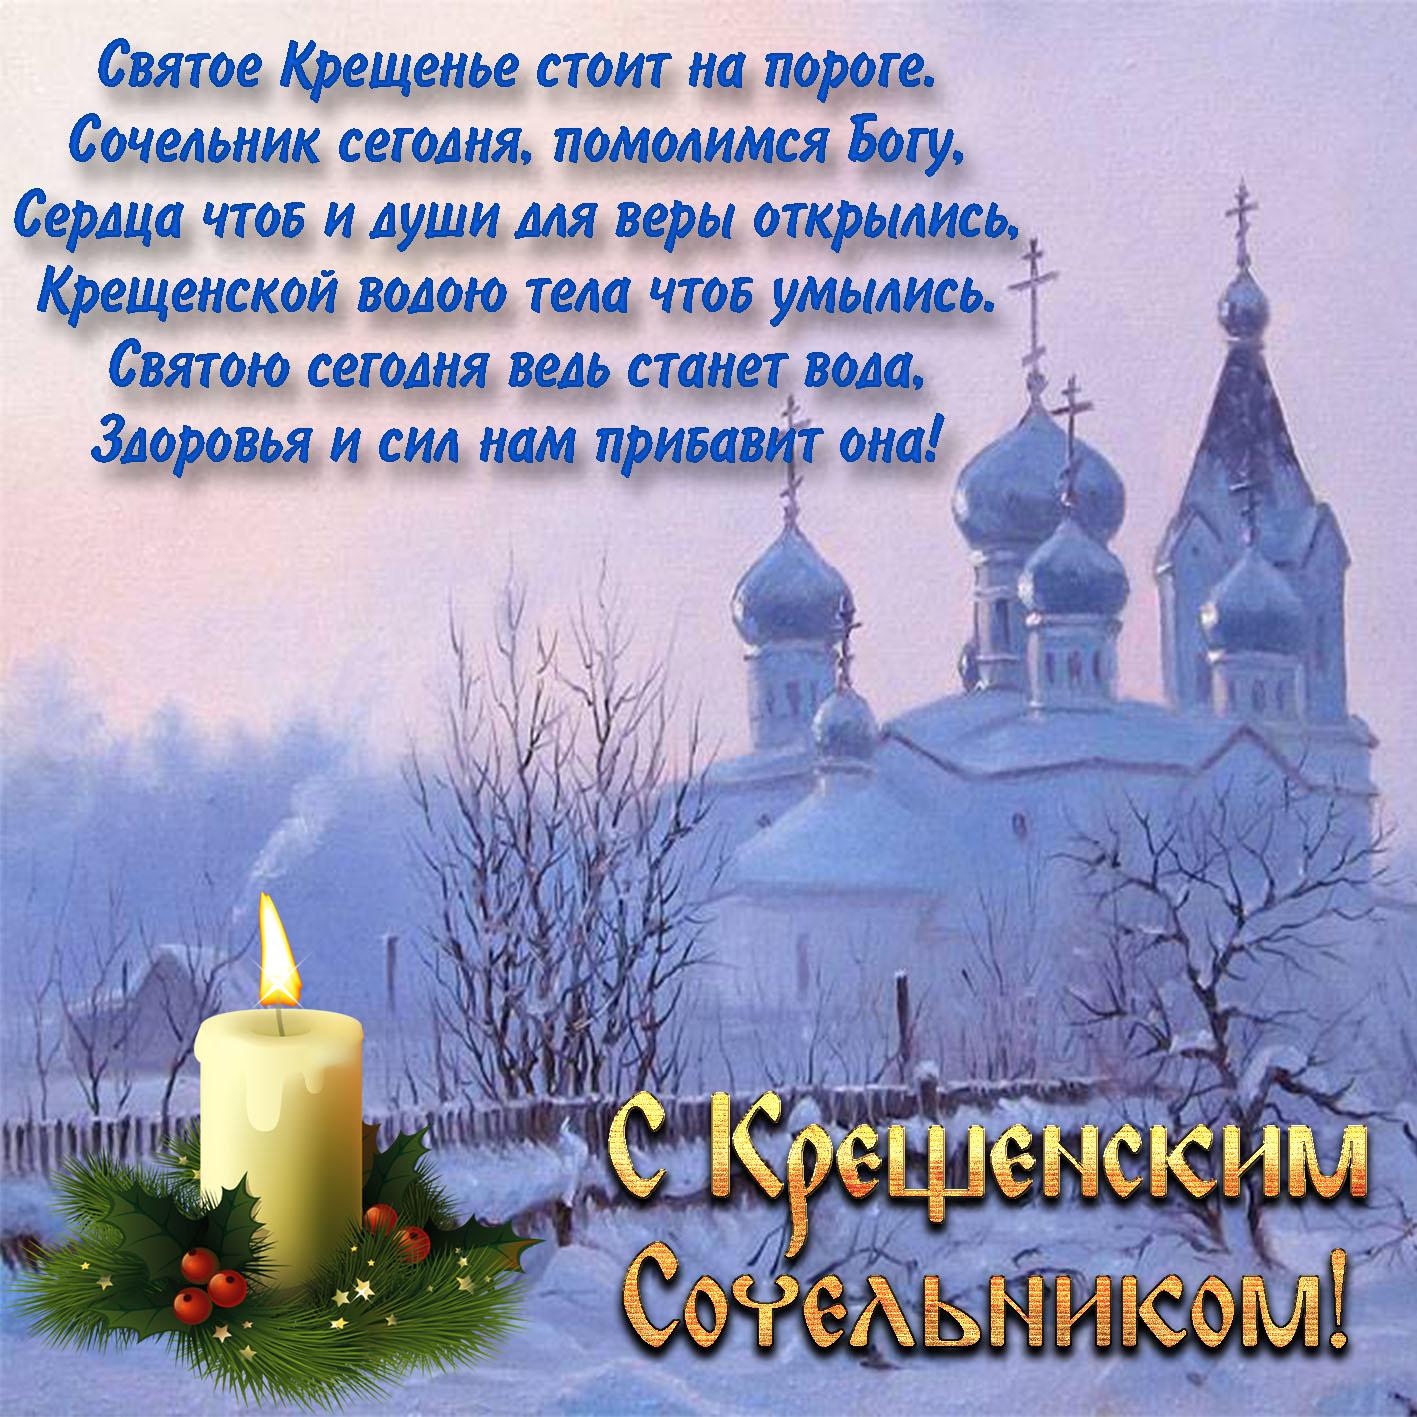 Открытка - красивое пожелание на Крещенский Сочельник